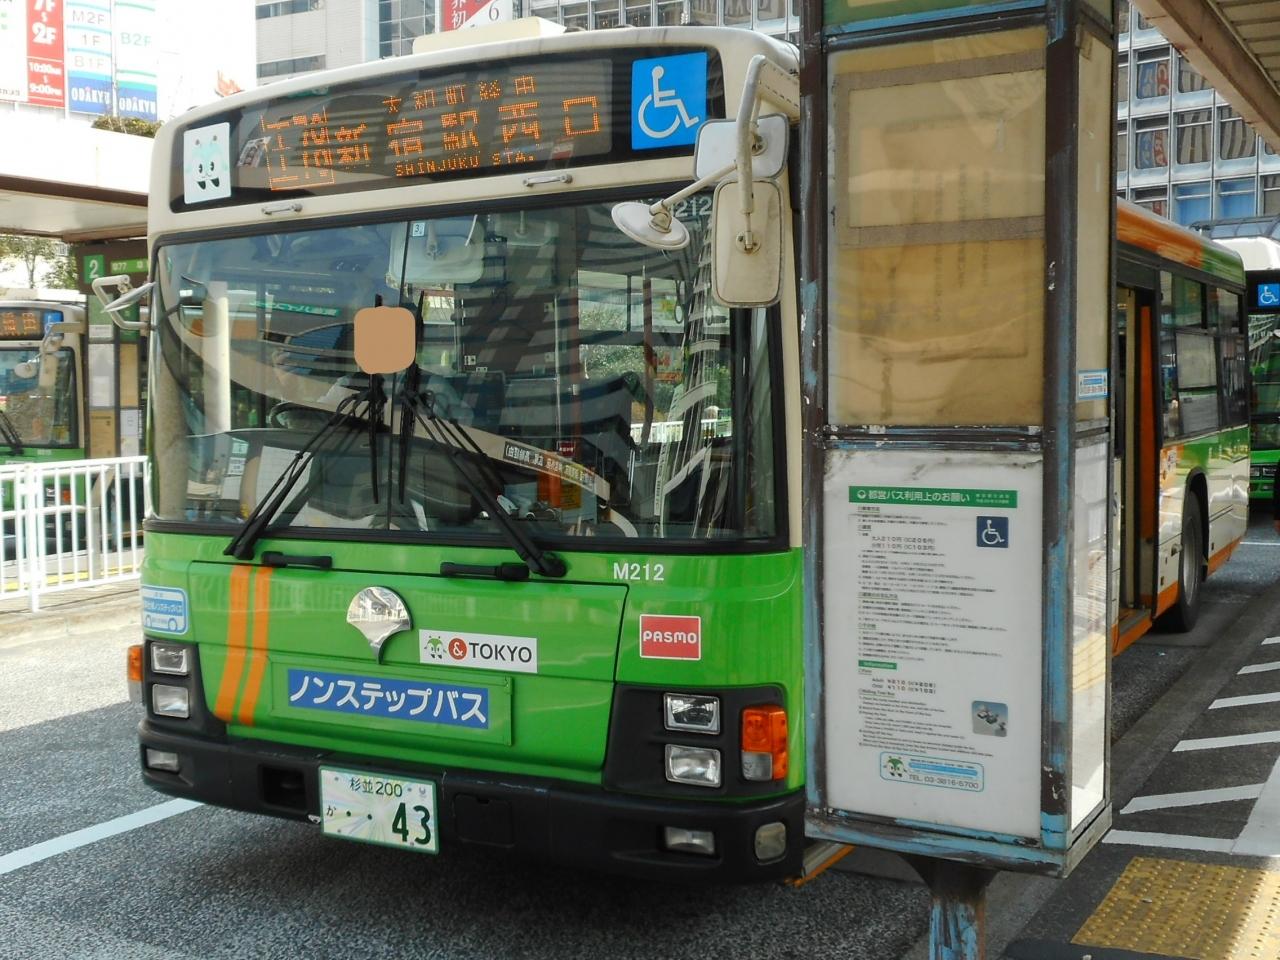 バス 旅 の 正解 乗り継ぎ 路線